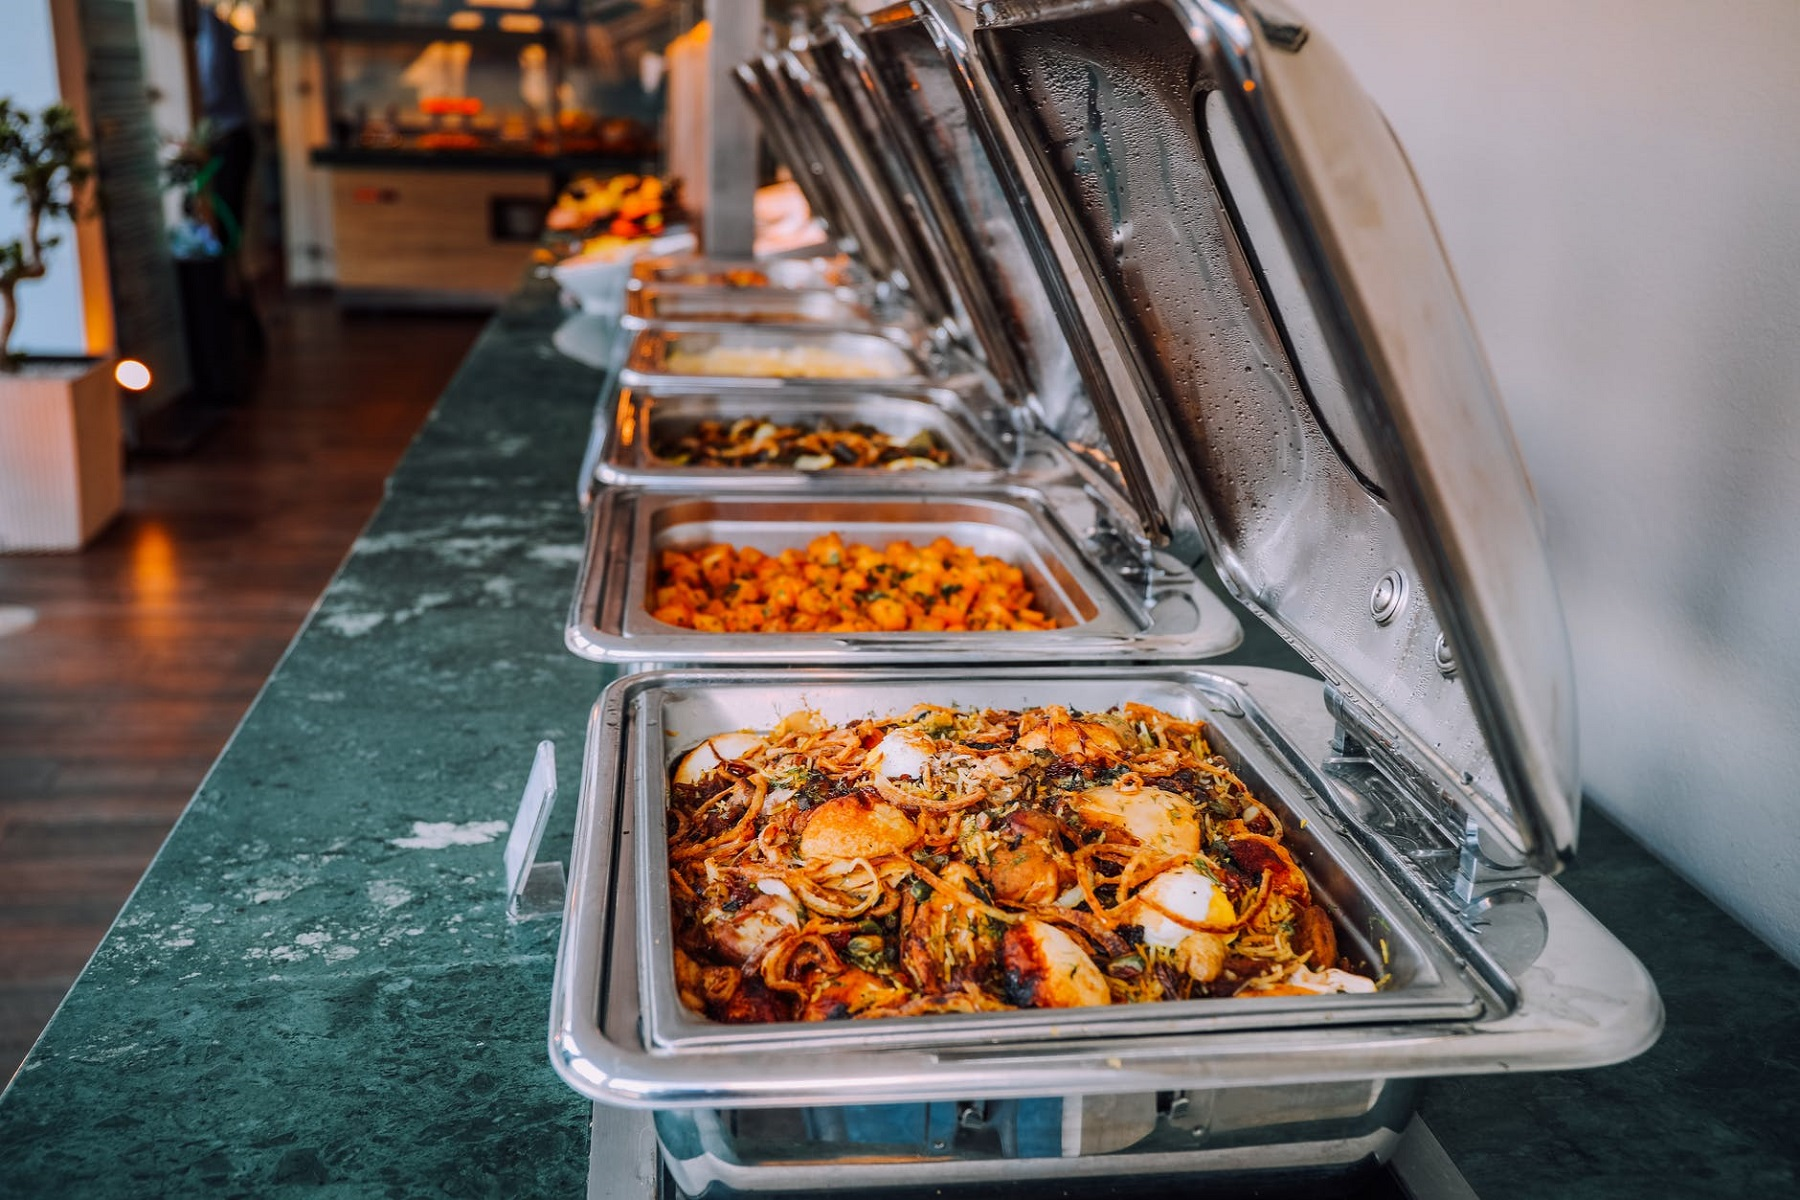 Μπουφές Γιορτές: Κανόνες ασφαλείας τροφίμων για αποφυγή δηλητηριάσεων